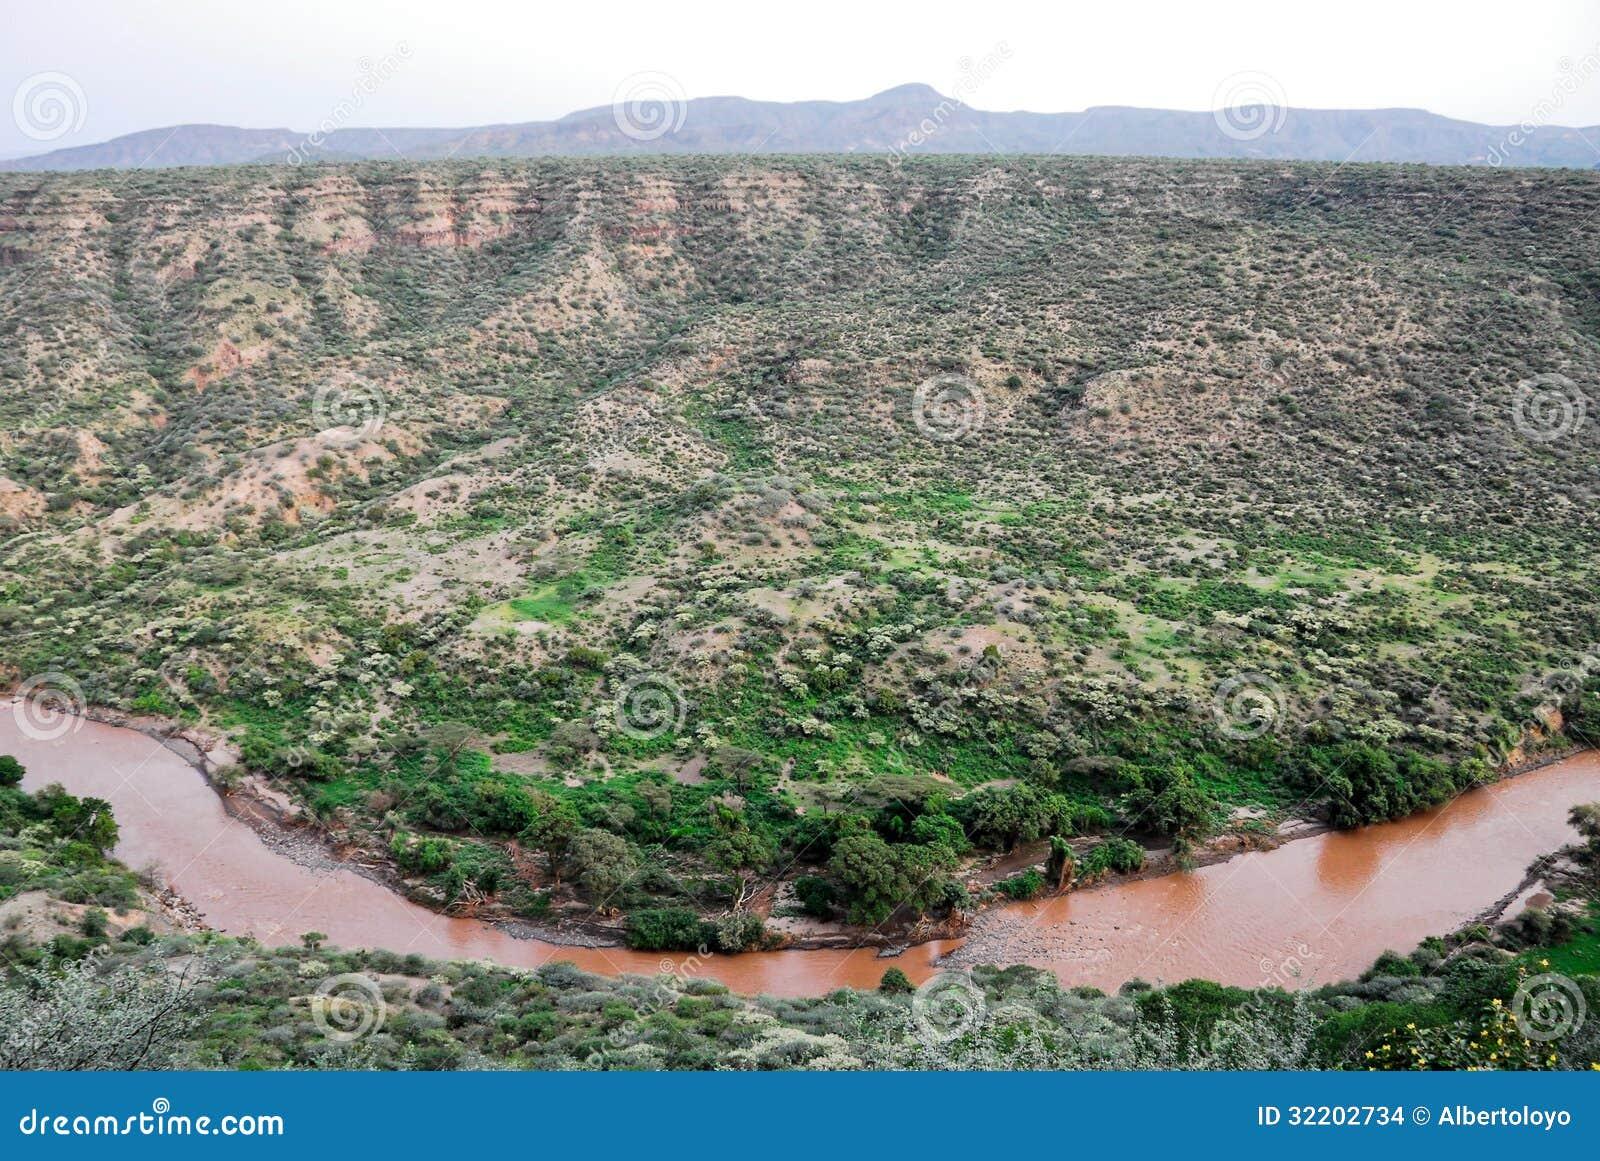 Garganta no parque nacional inundado (Etiópia)